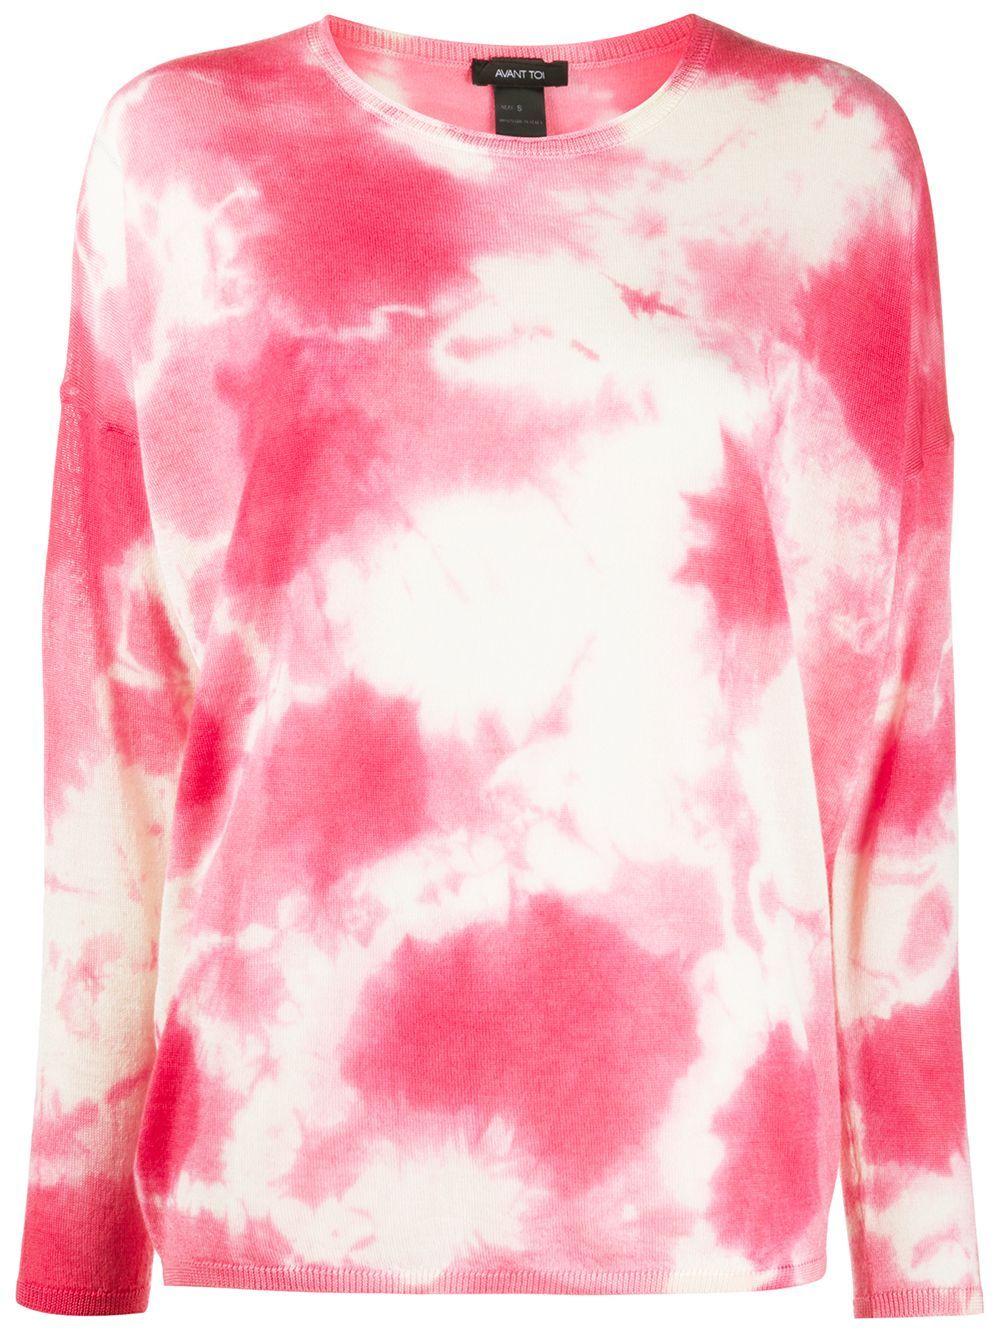 Avant Toi Lightweight Tie Dye Jumper Farfetch Tie Dye Pink Tye Dye Tie Dye Print [ 1334 x 1000 Pixel ]